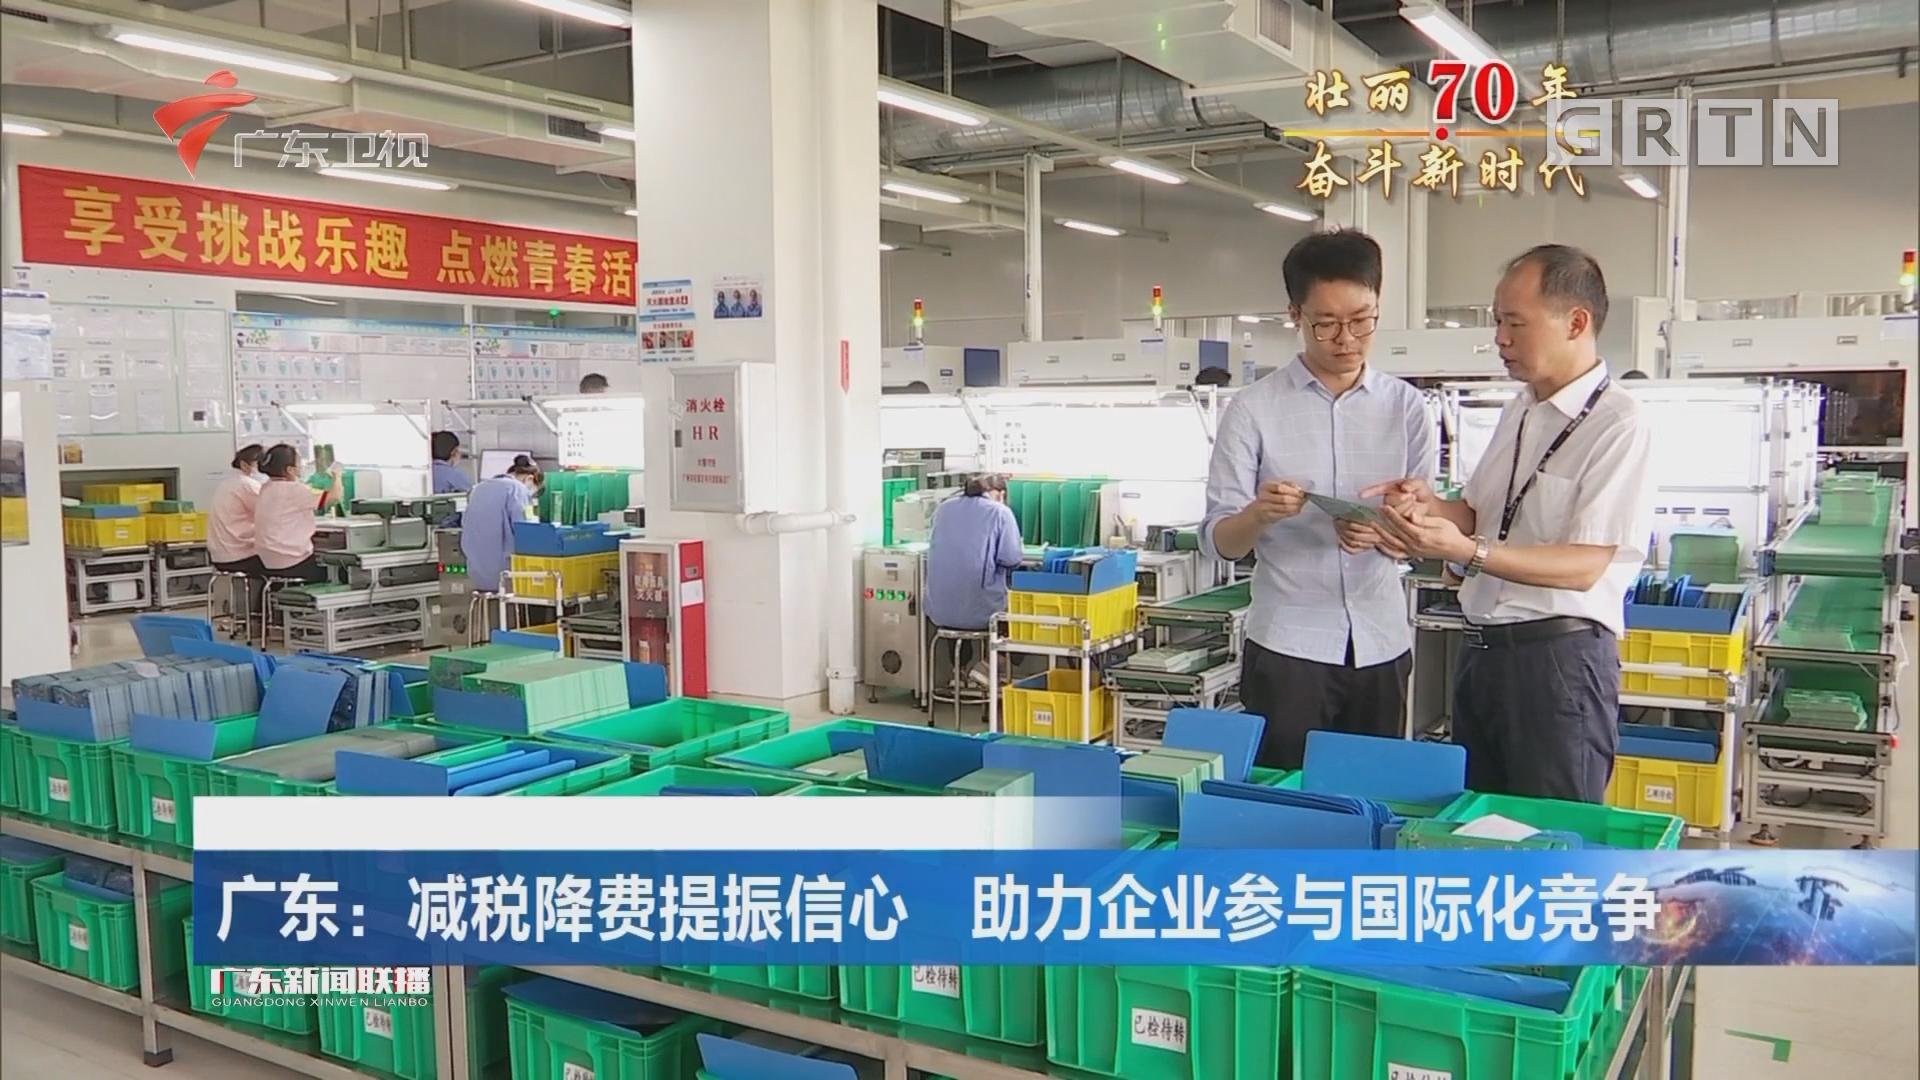 广东:减税降费提振信心 助力企业参与国际化竞争